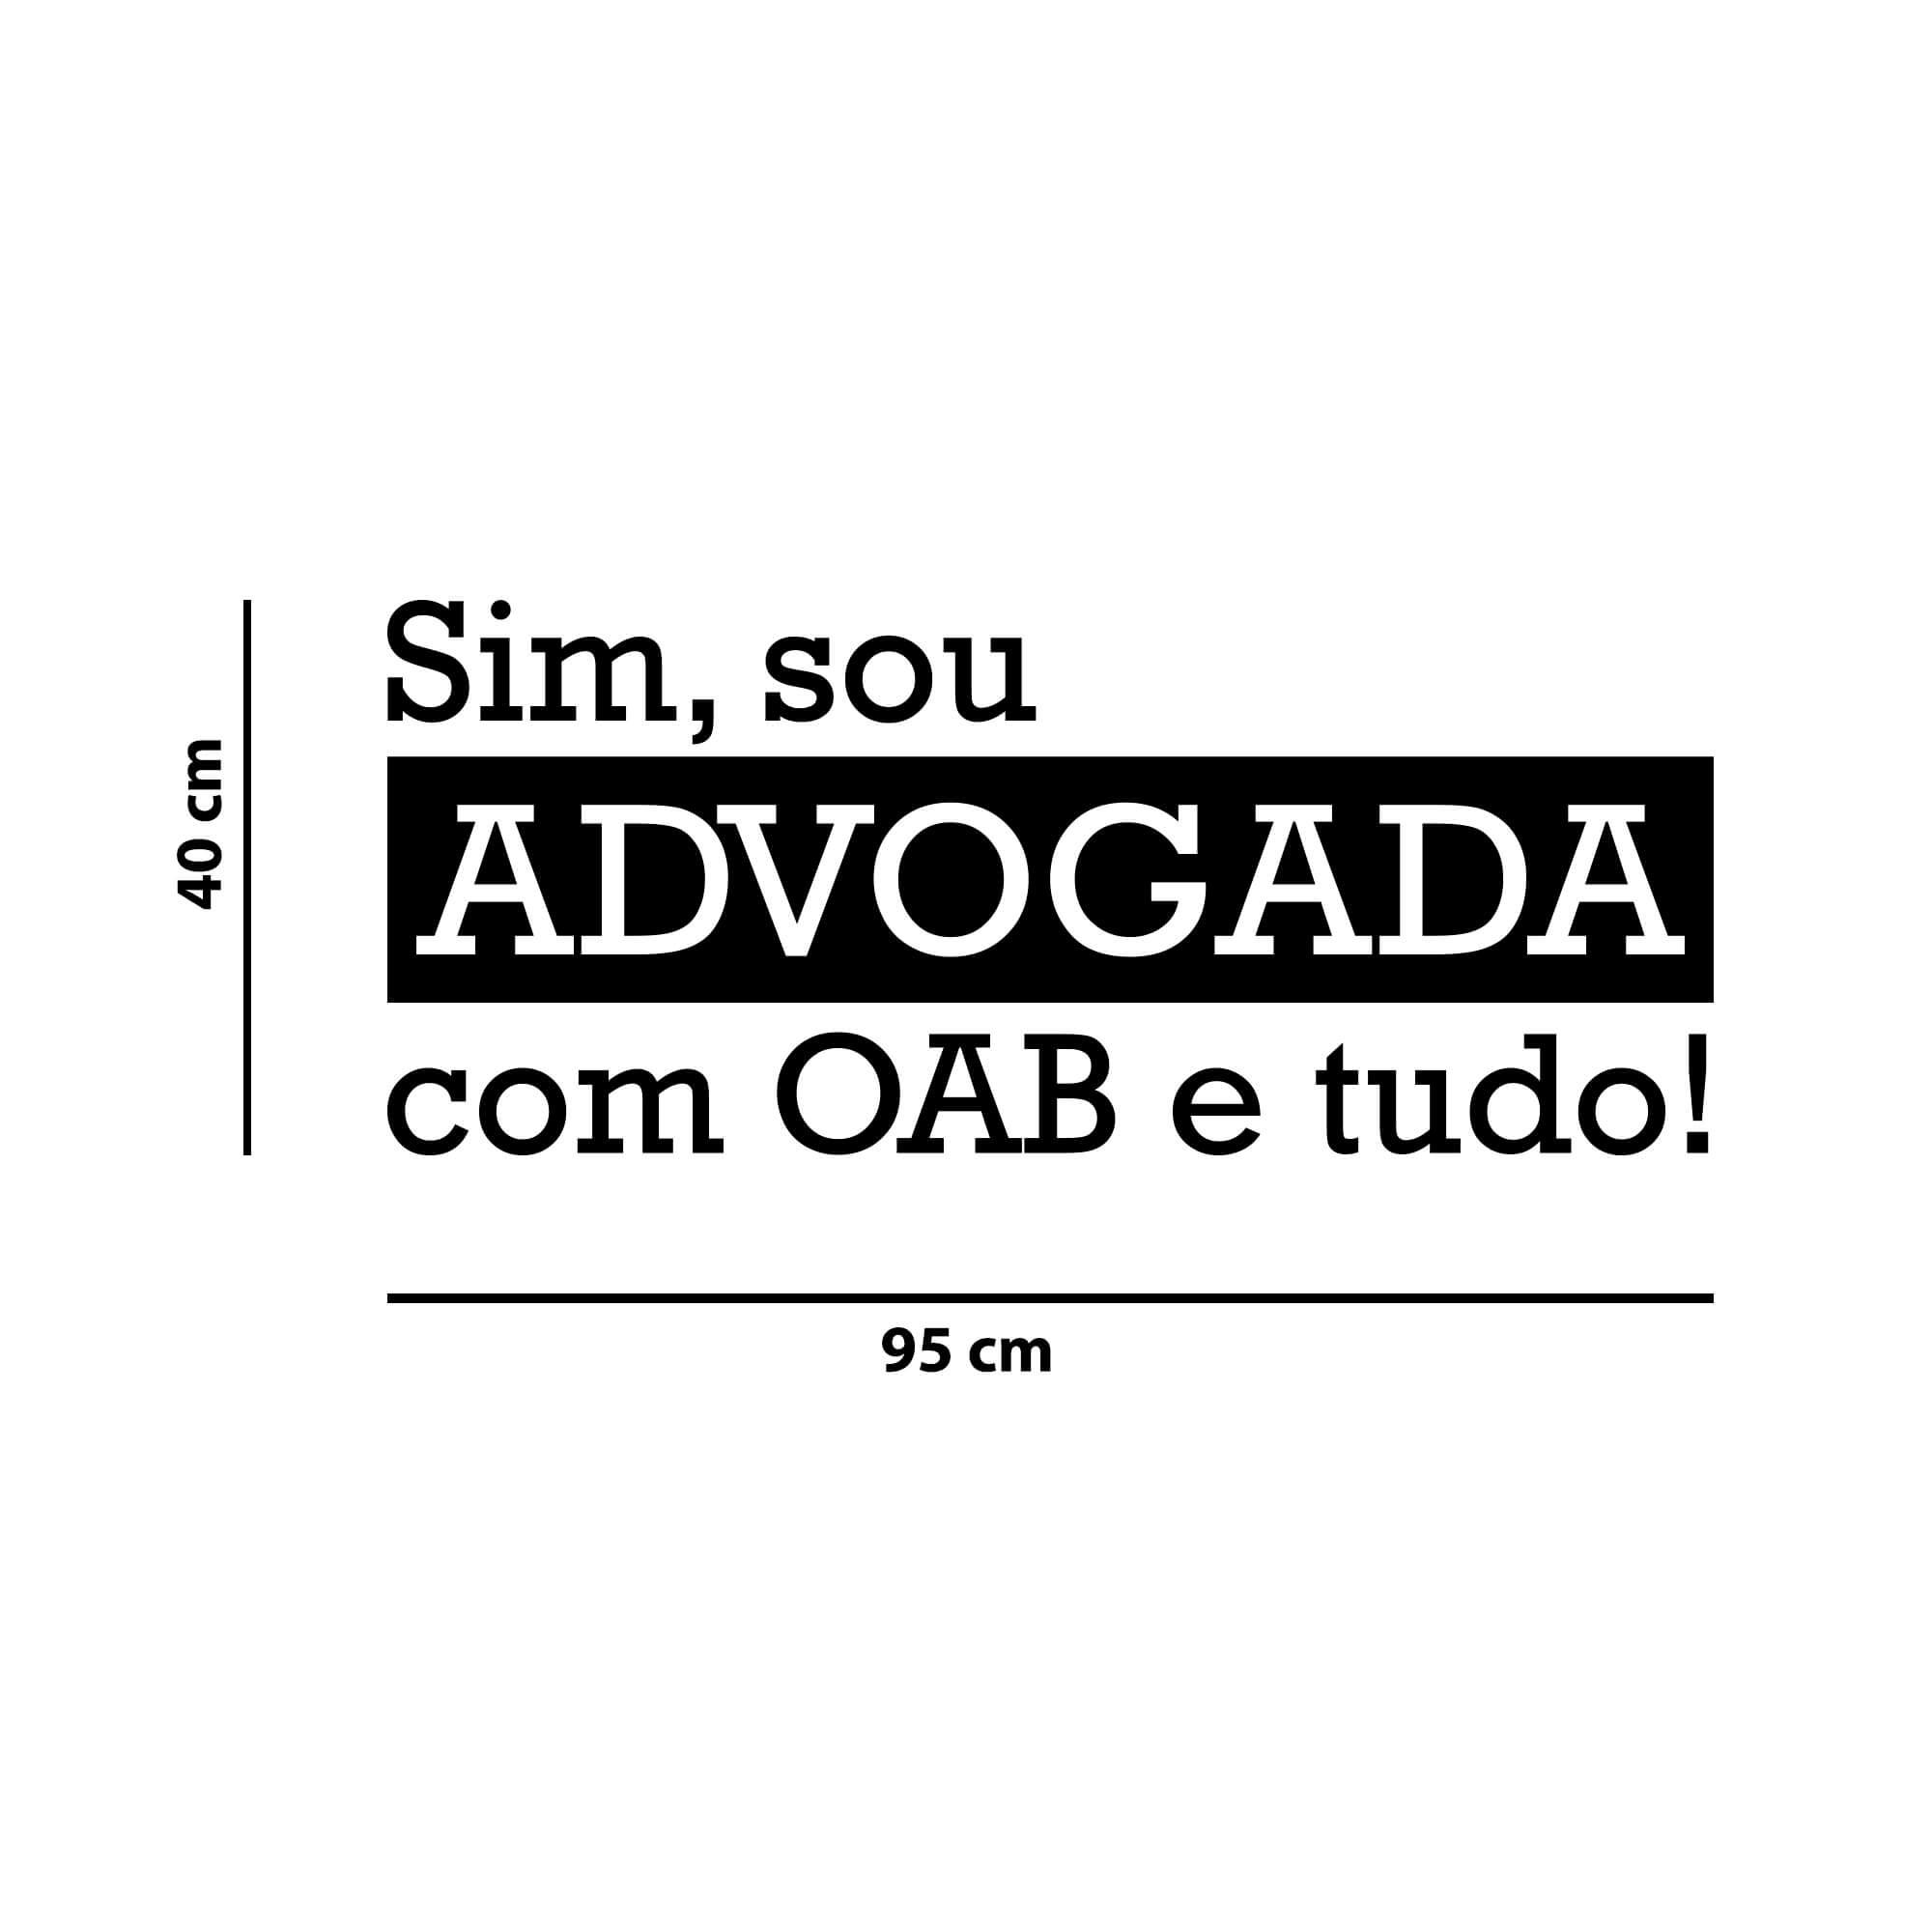 Adesivo Frase Sim, Sou Advogada com OAB e Tudo! Decoração Divertida Escritório